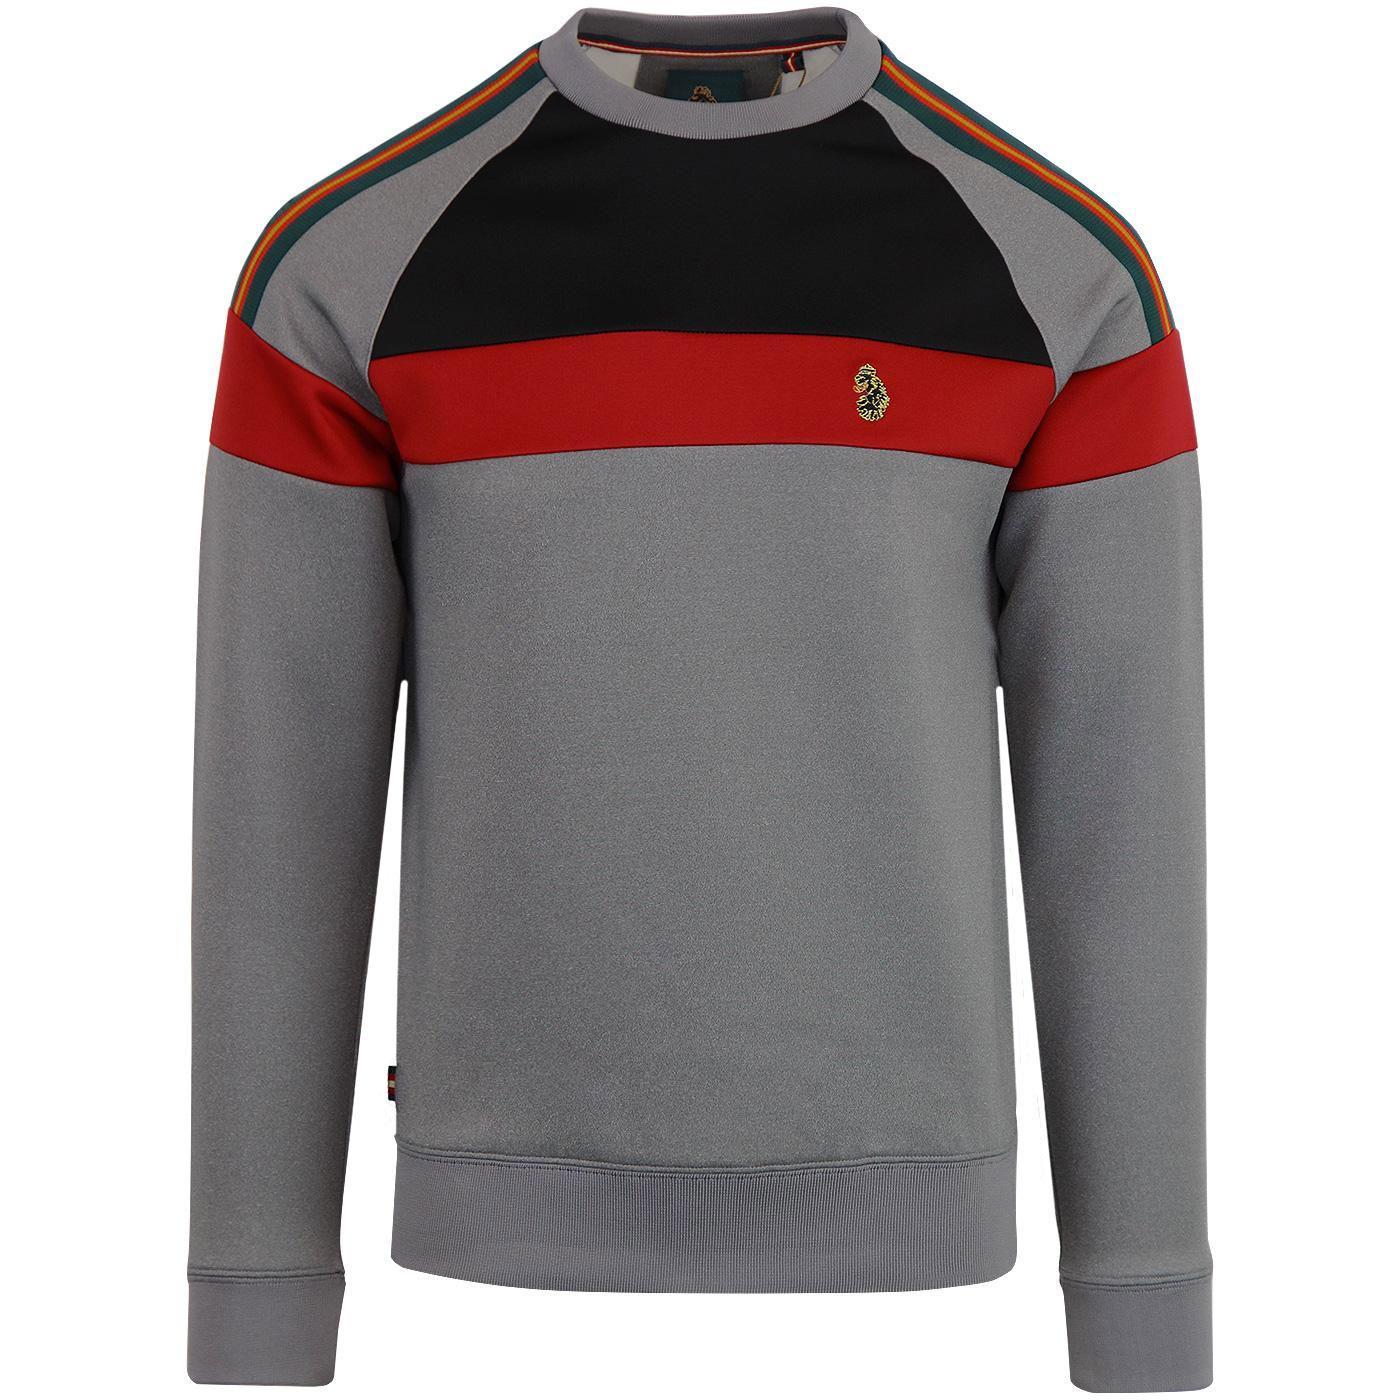 LUKE 1977 Adam Retro Indie Taped Sleeve Sweatshirt